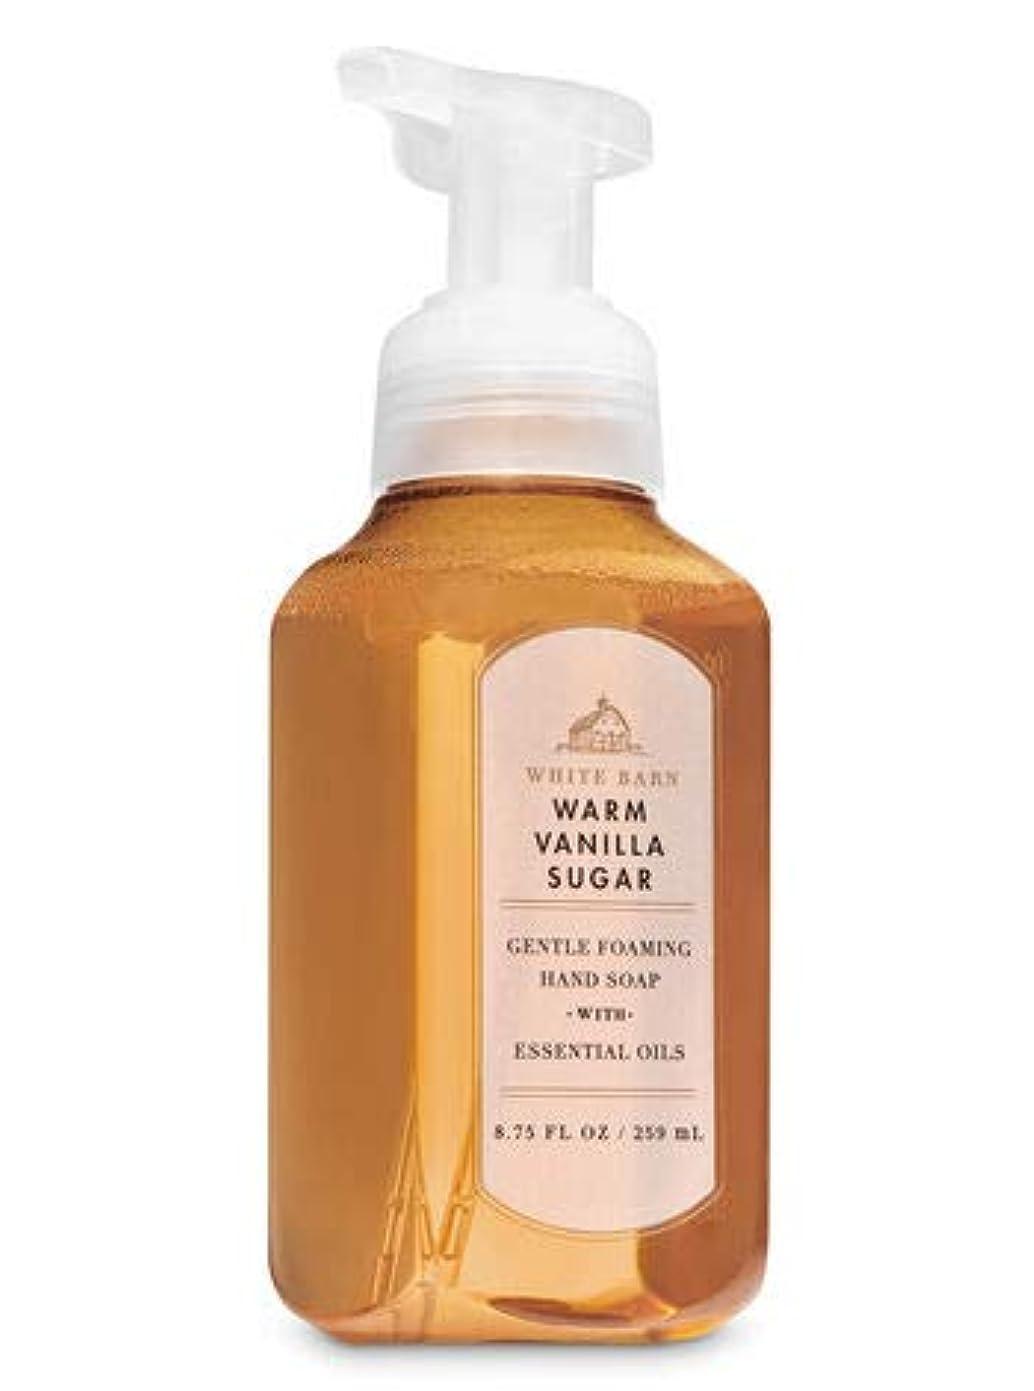 空の異邦人積極的にバス&ボディワークス ウォームバニラシュガー ジェントル フォーミング ハンドソープ Warm Vanilla Sugar Gentle Foaming Hand Soap [並行輸入品]